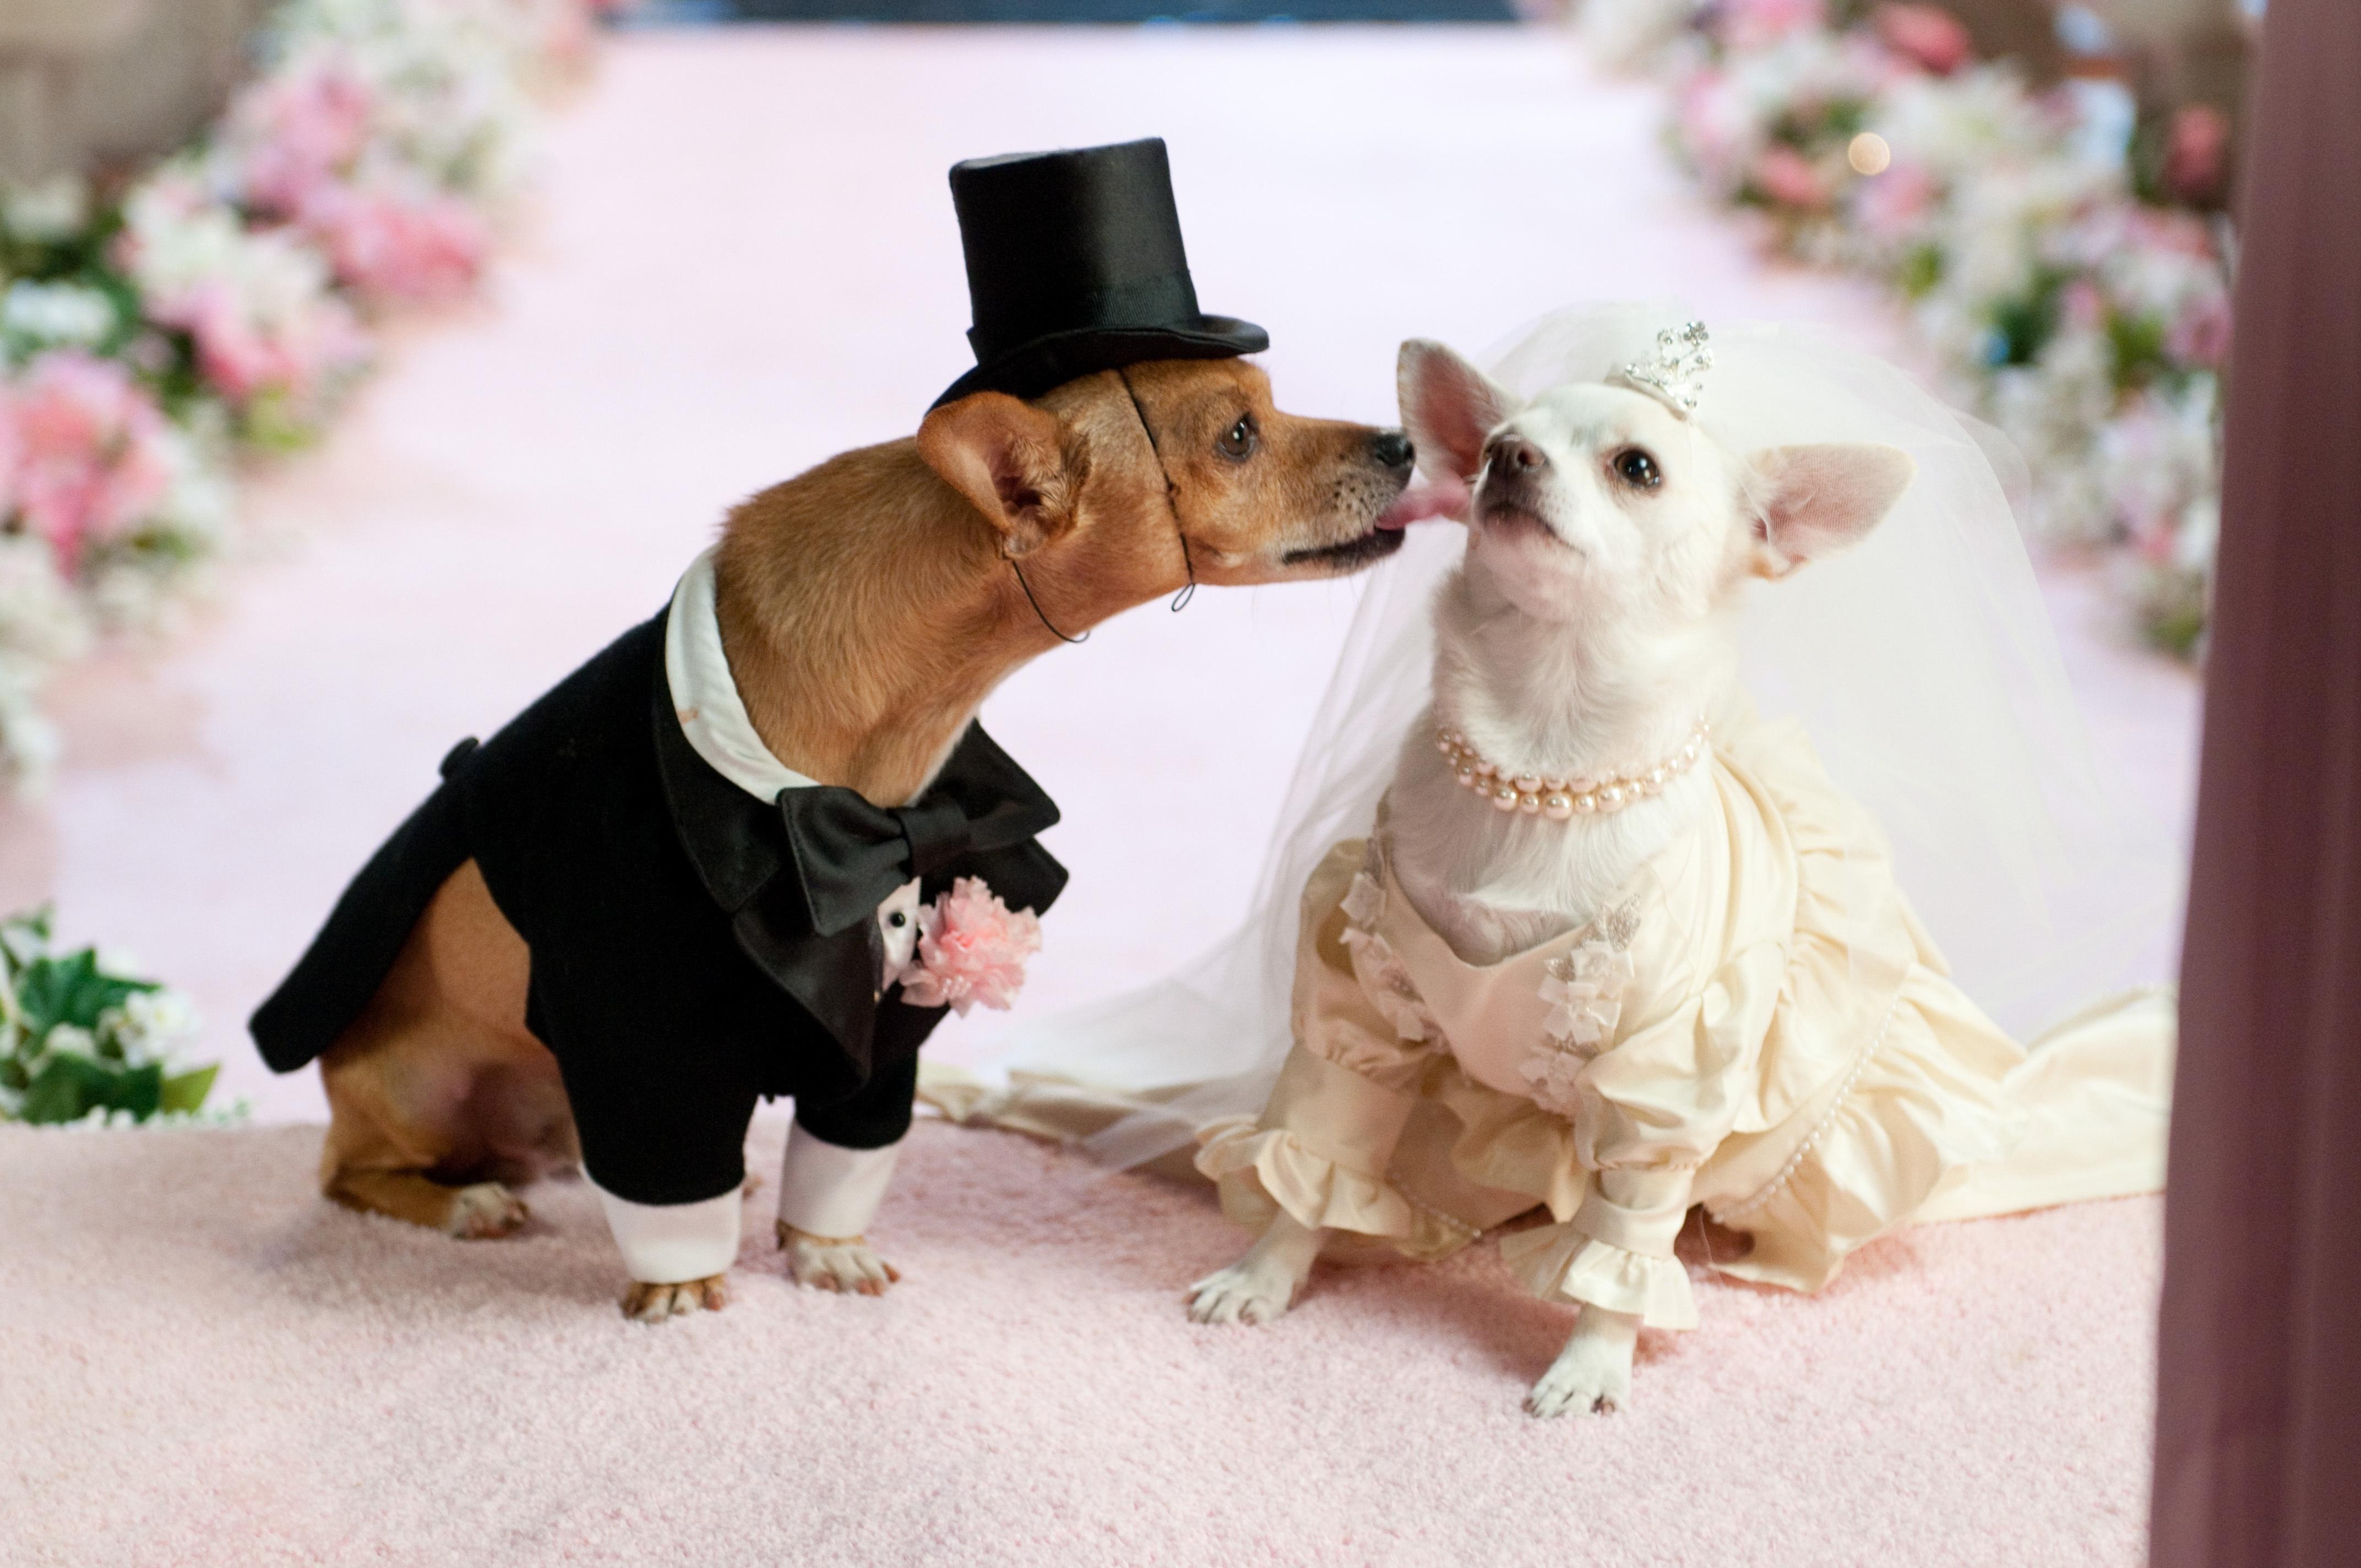 60538 скачать обои Свадьба, Животные, Собаки, Пара, Костюм - заставки и картинки бесплатно